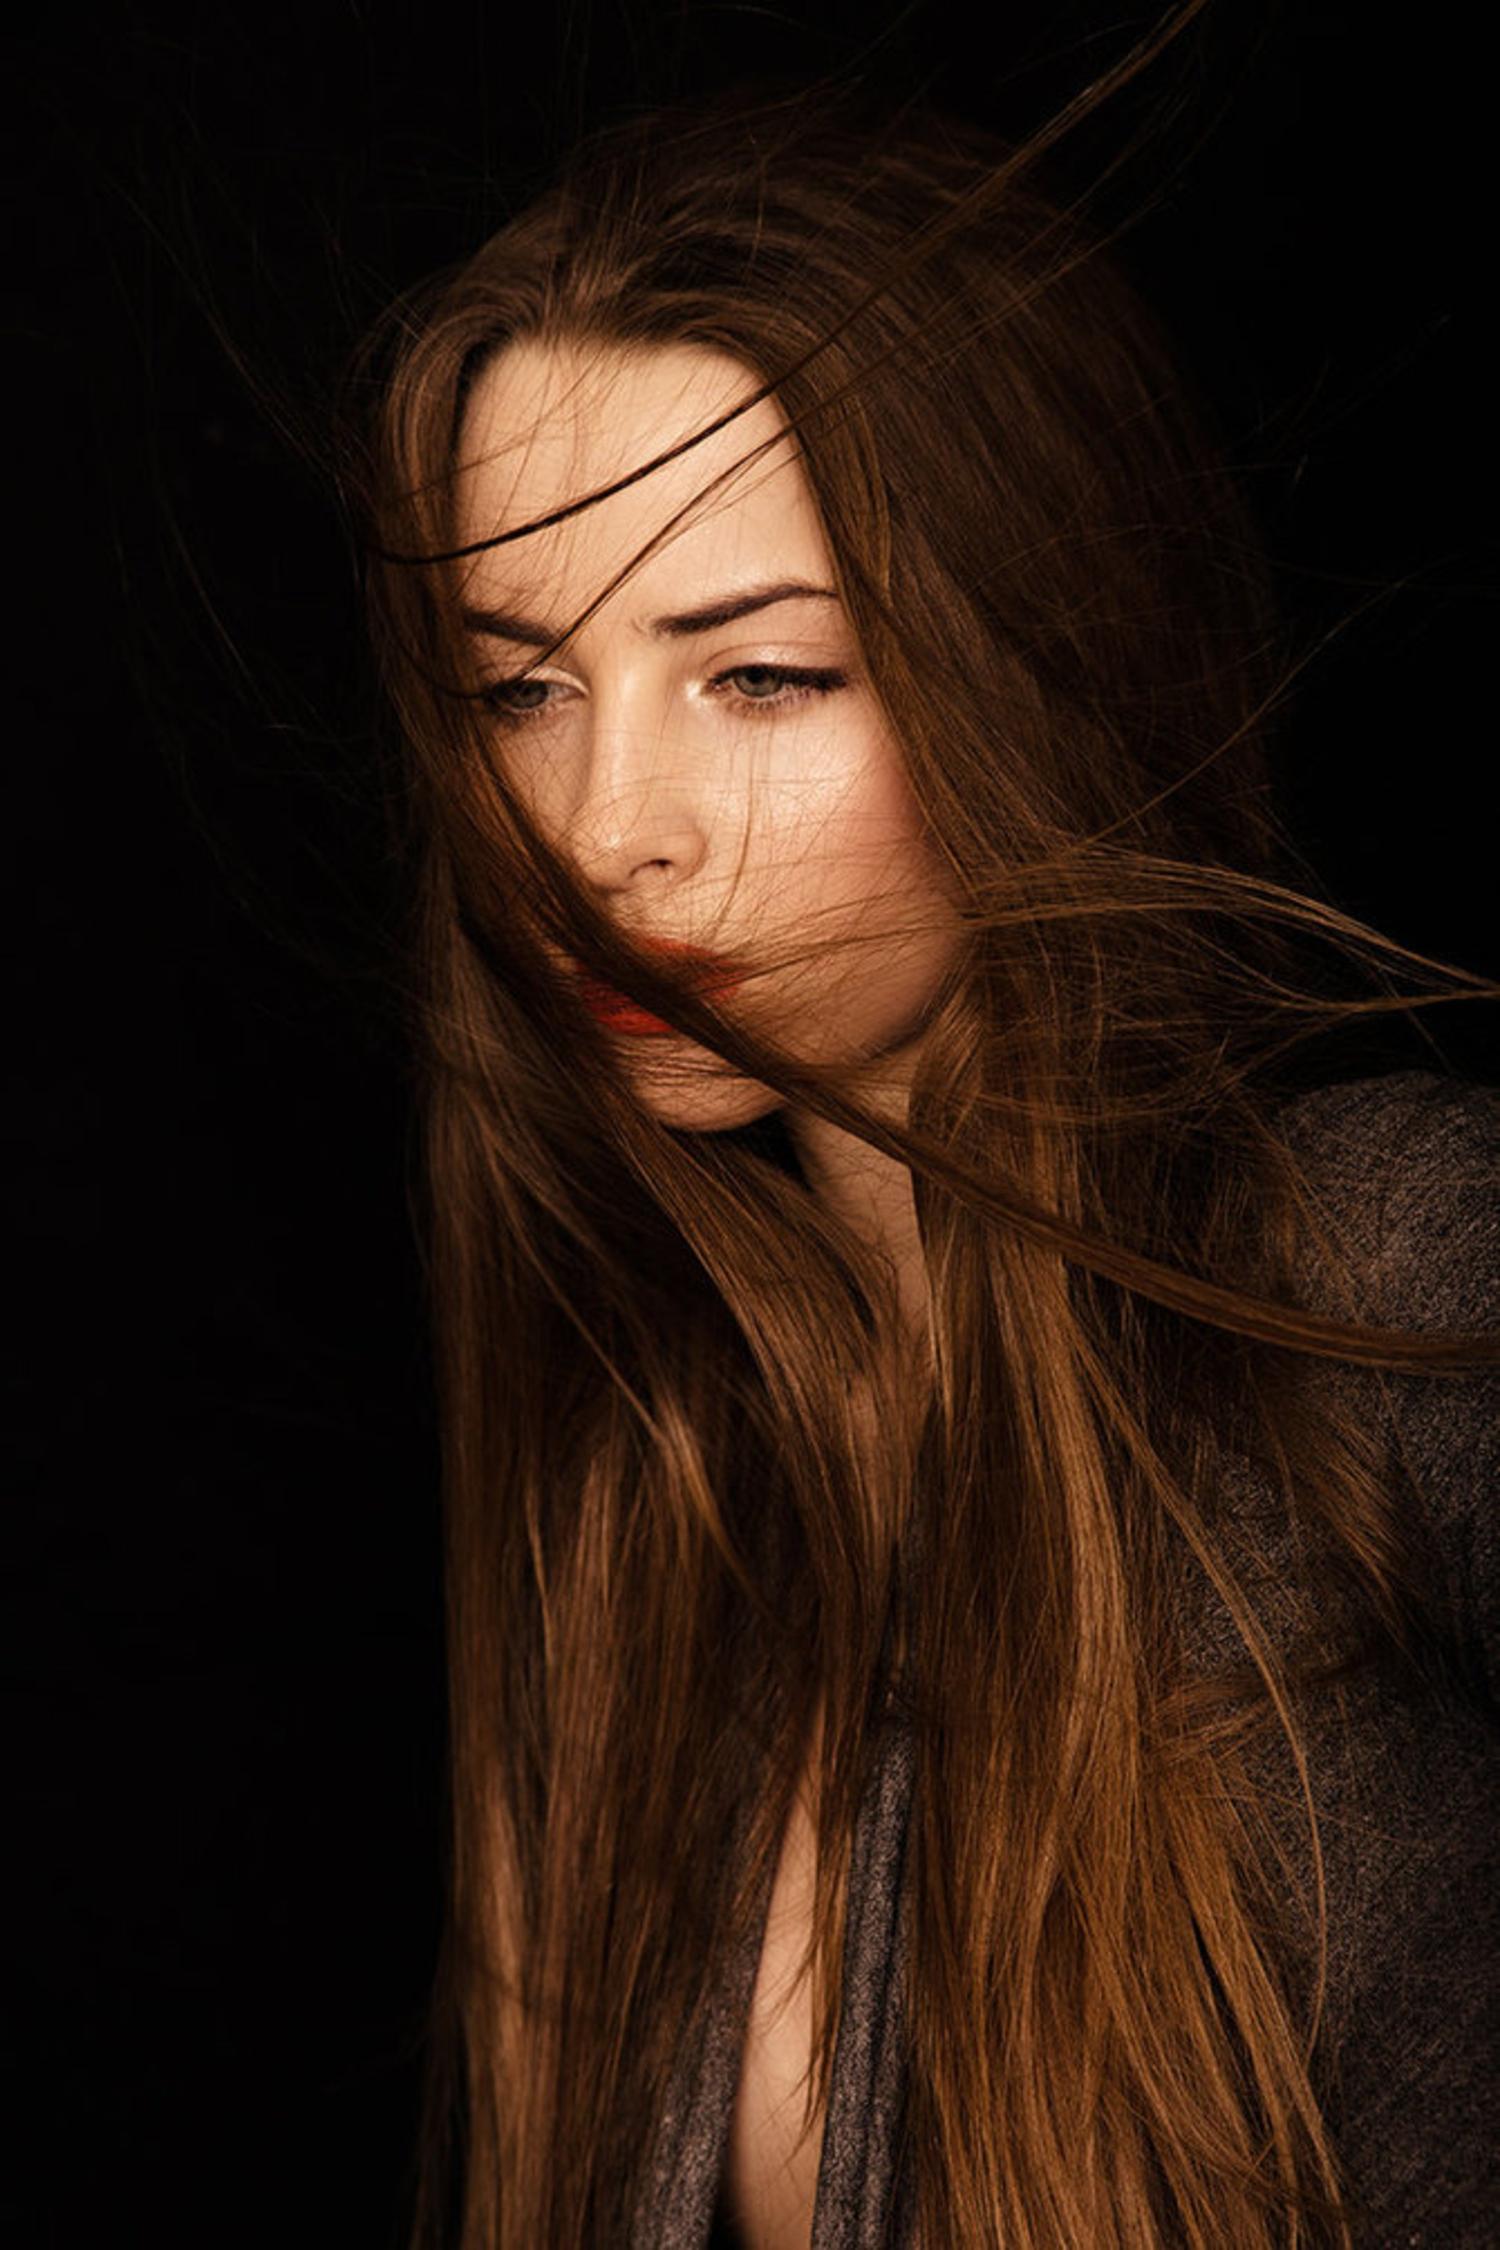 Темненькие девушки фото на аву